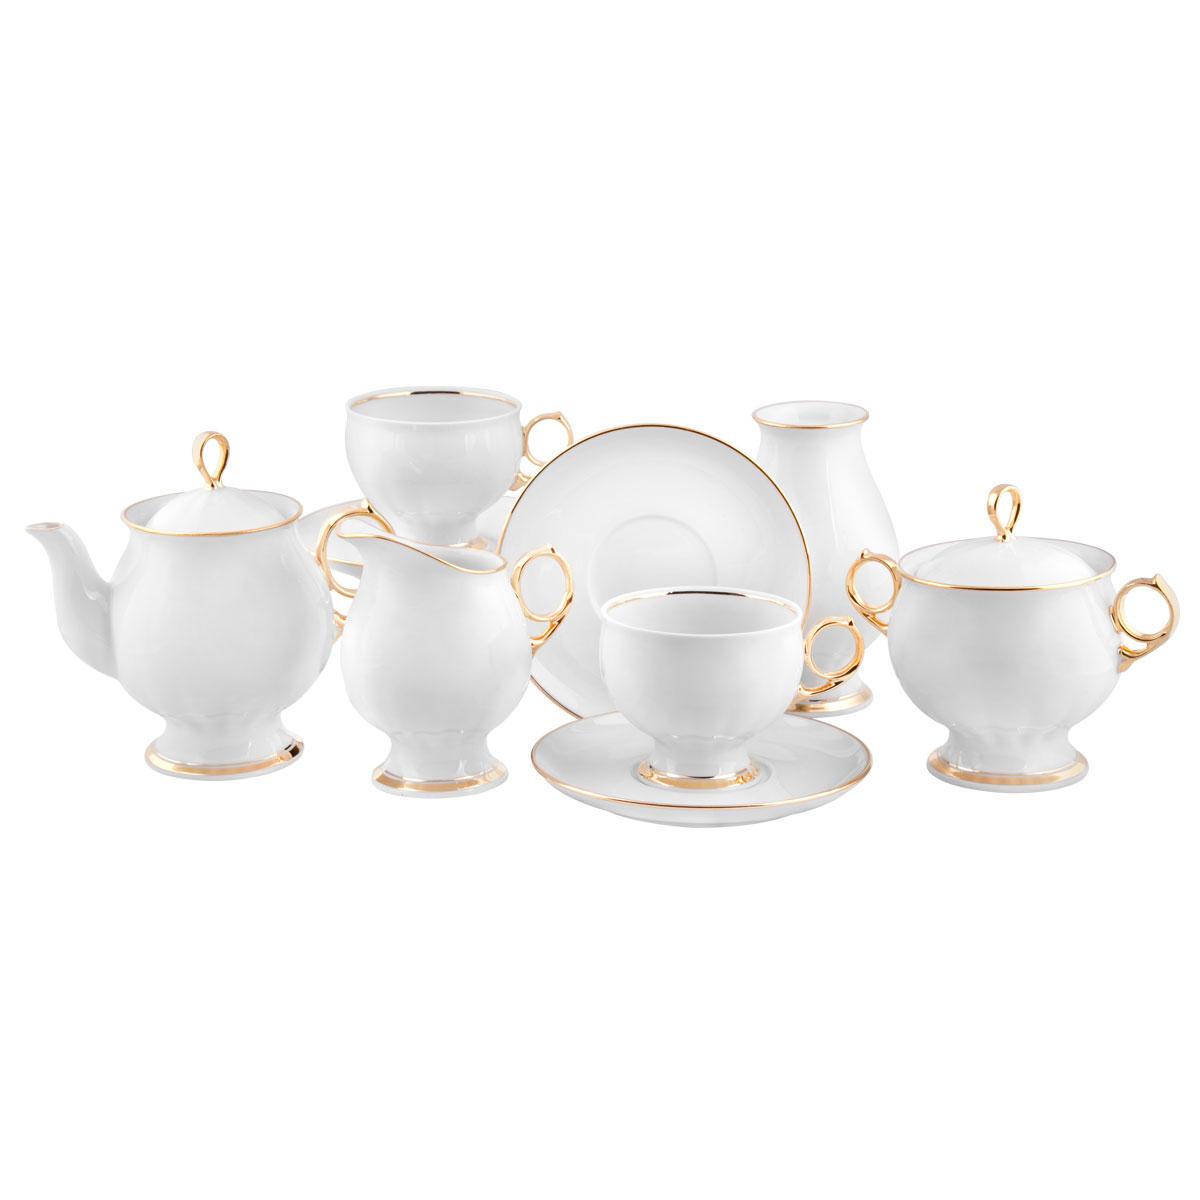 Сервиз чайный Башфарфор Золотая ручка, 16 предметовVT-1520(SR)Сервиз чайный из белого фарфора рассчитан на 6 персон. Тонкий белый фарфор украшен золотым орнаментом. Удобная, практичная, легкая посуда, подходит и для особых случаев и на каждый день. В состав набора входит: чашка 250мл 6 шт, блюдце 14,5см 6 шт, сахарница 300мл 1шт, чайник 600мл 1 шт, Молочник 250мл 1шт, ваза 1шт.